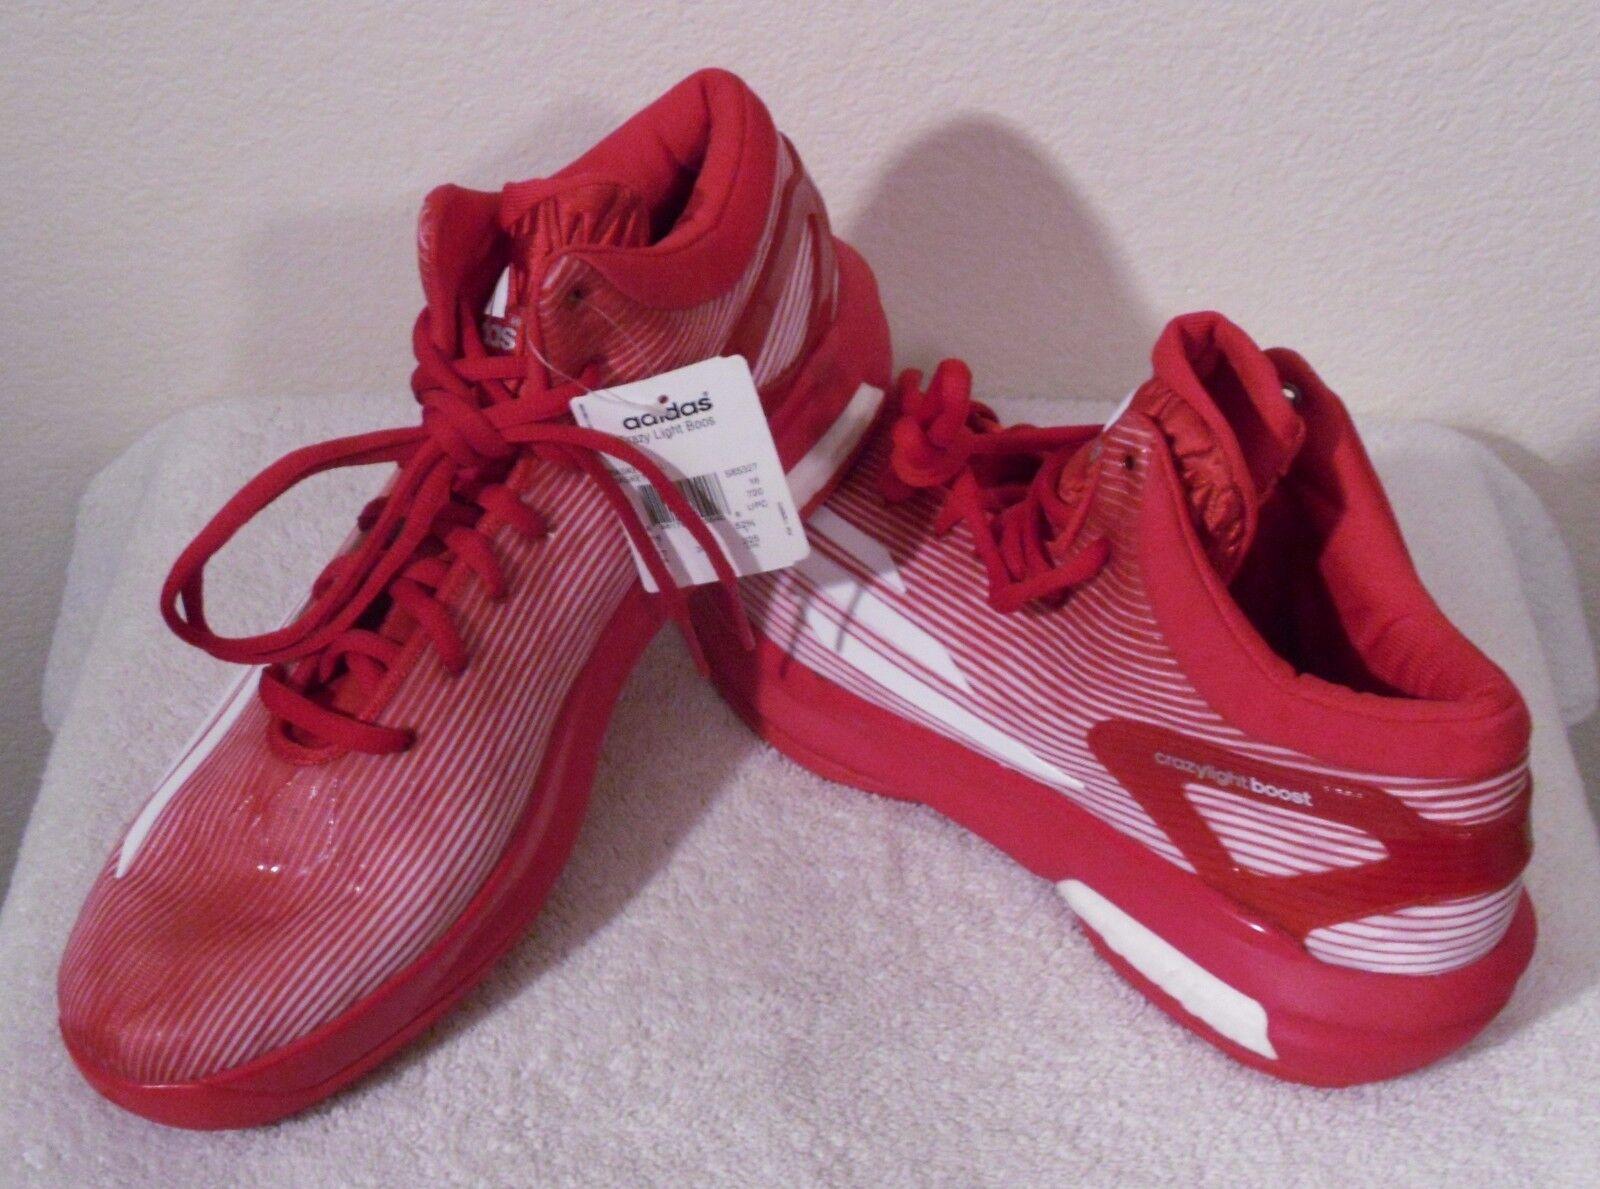 Nuevo con hombres etiquetas ADIDAS SM Crazy Light Boost Para hombres con Baloncesto Calzado 17 Rojo/Blanco MSRP 140 001f86